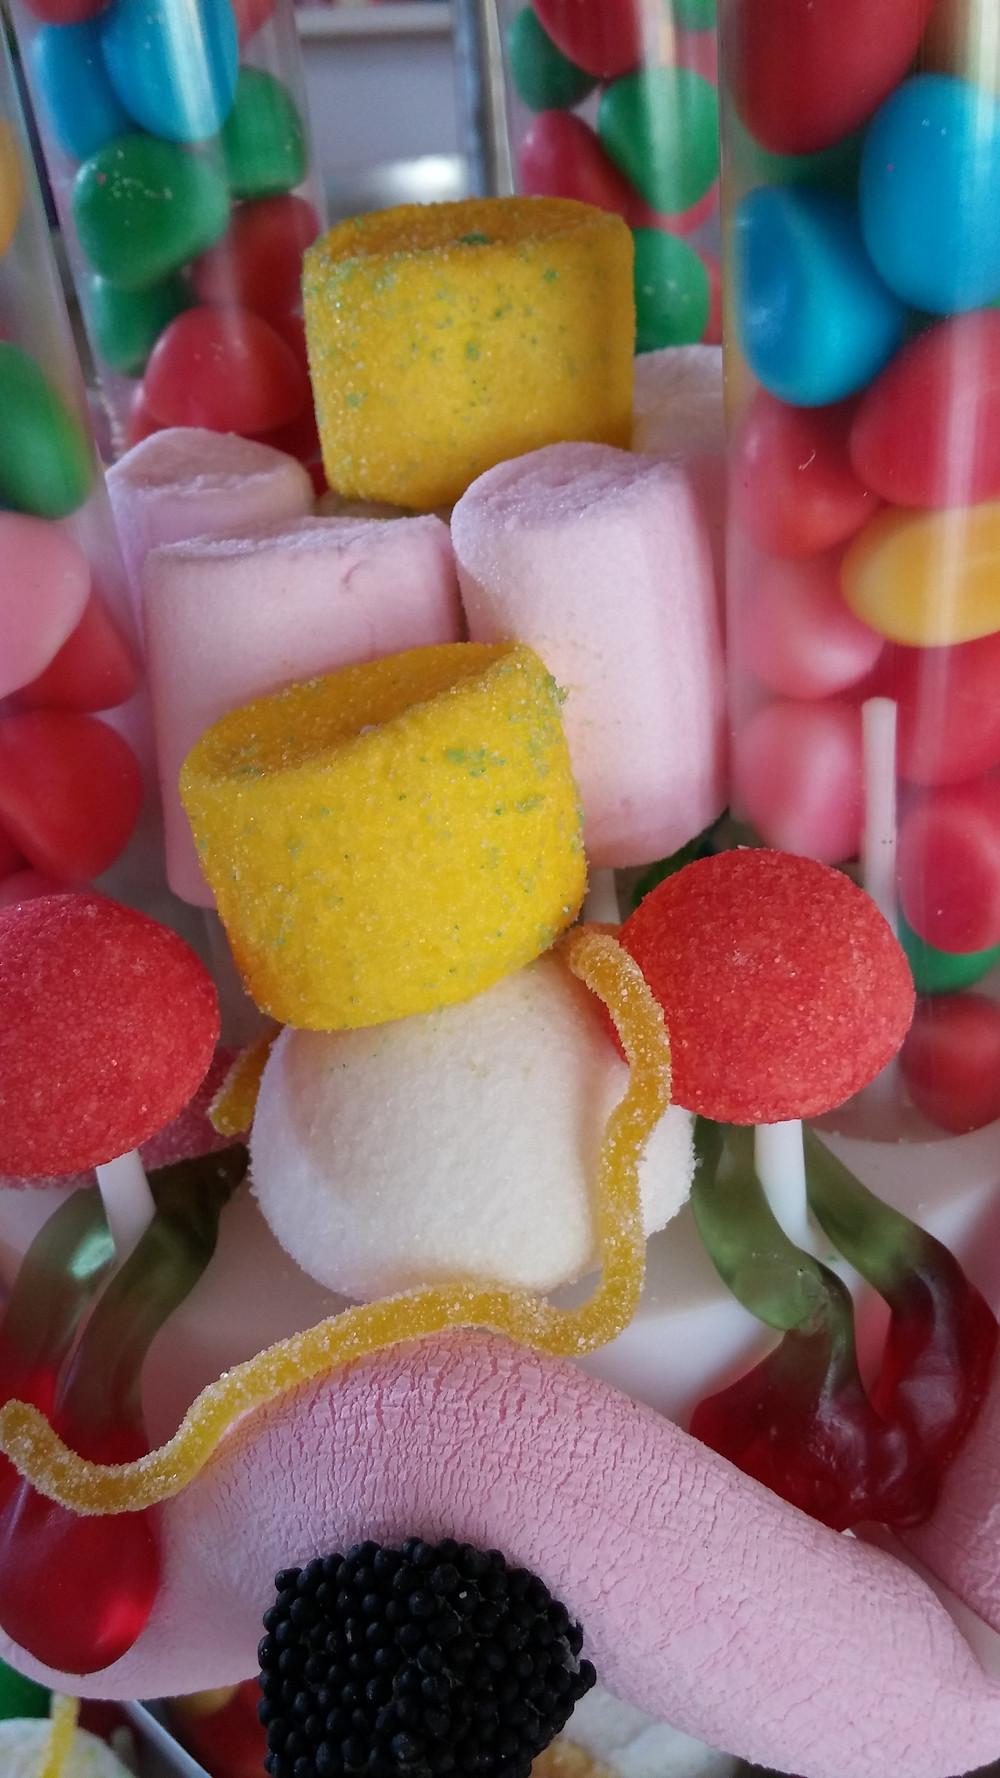 bonbons.jpg